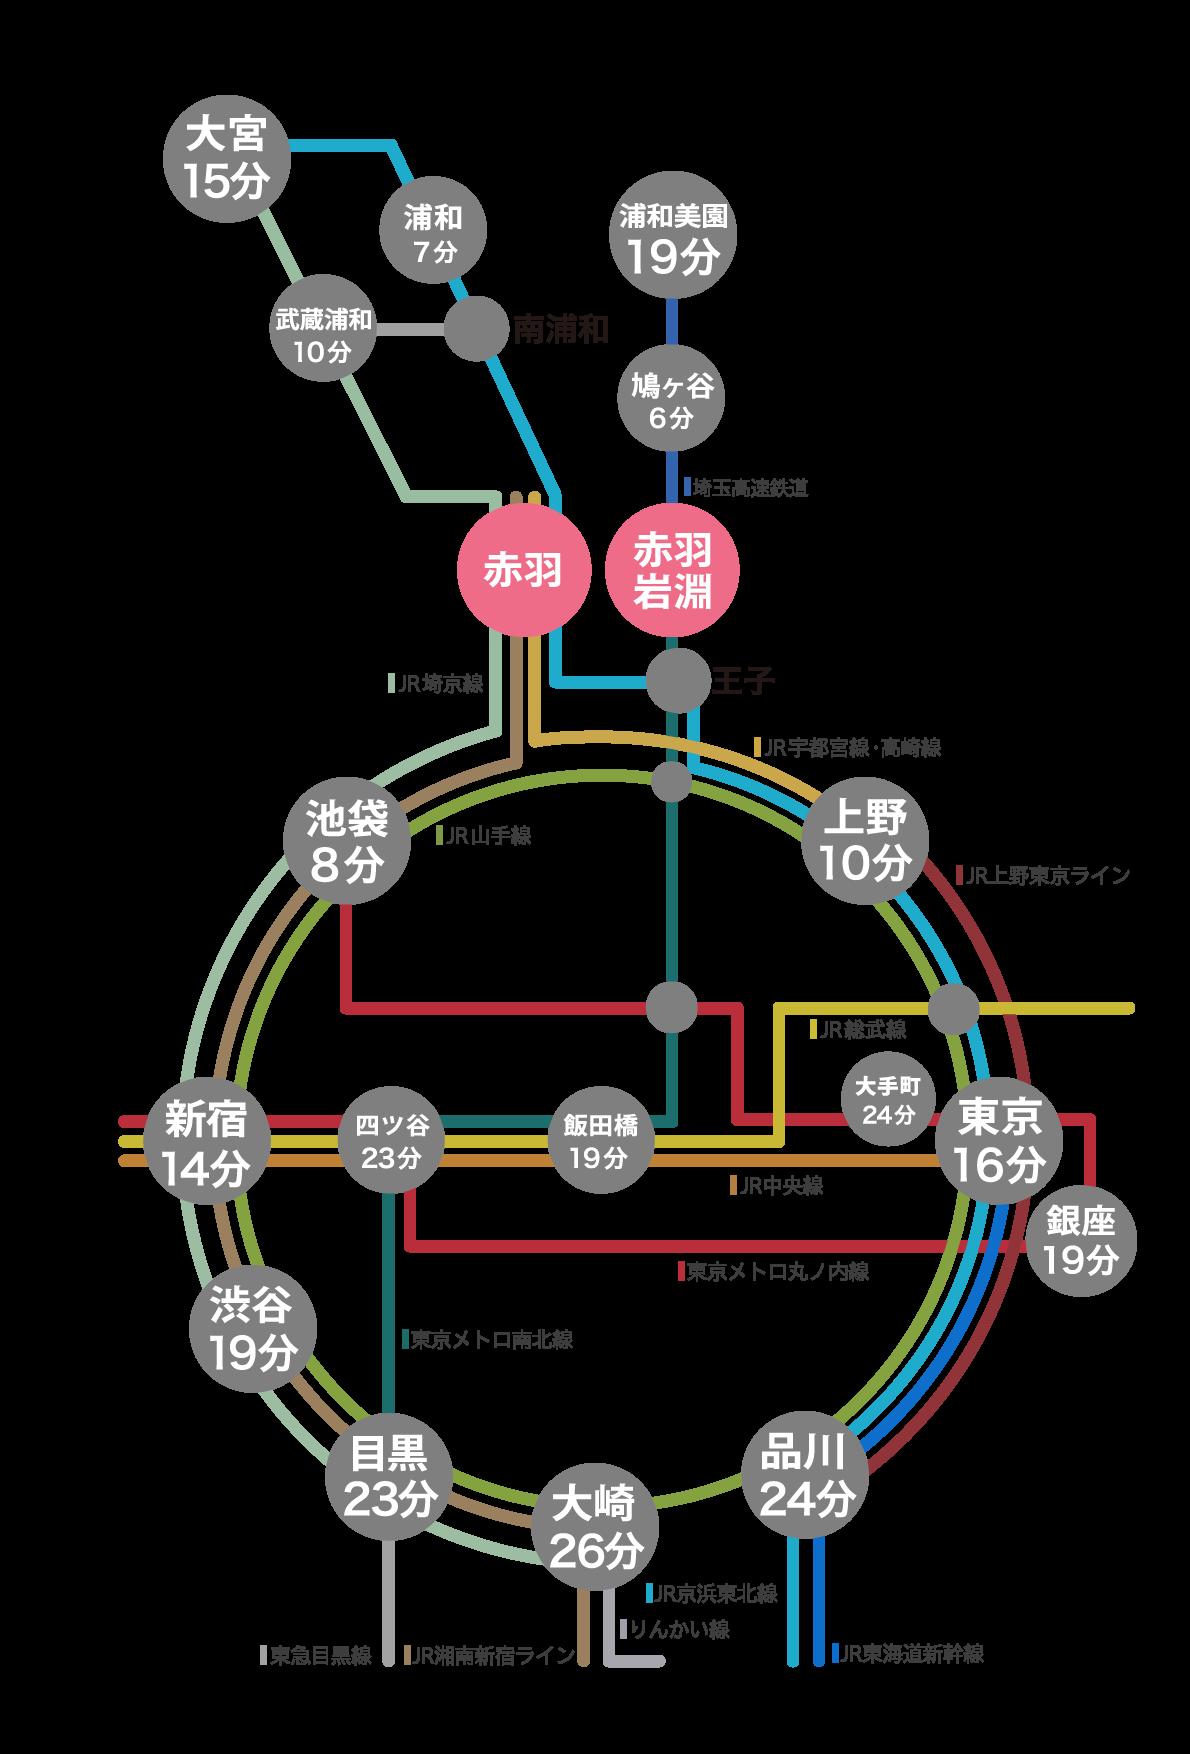 赤羽駅路線図